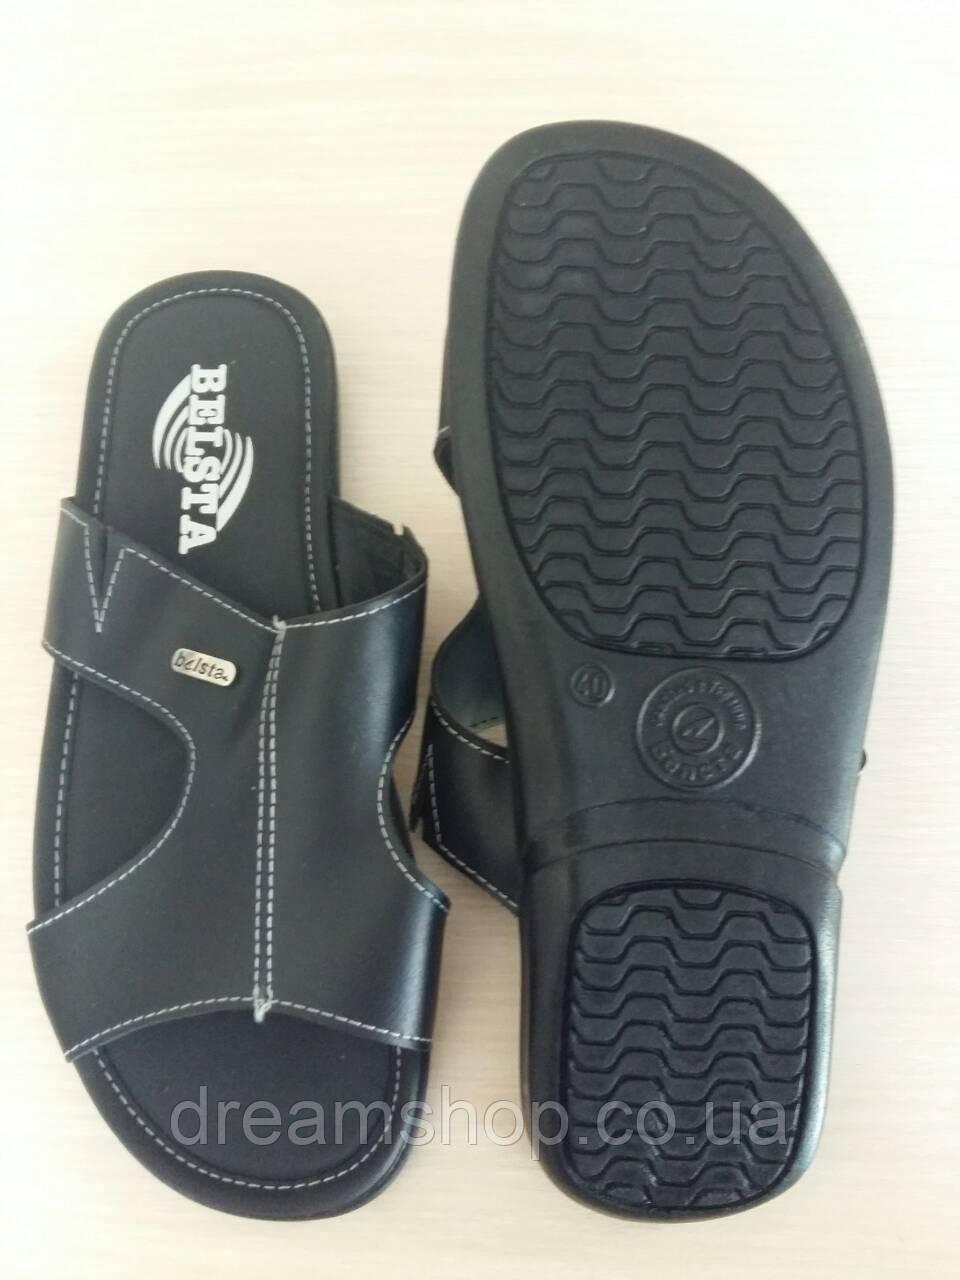 22b22945c Мужские летние сандали Белста , цена 250 грн., купить Гусятин — Prom.ua  (ID#705208533)